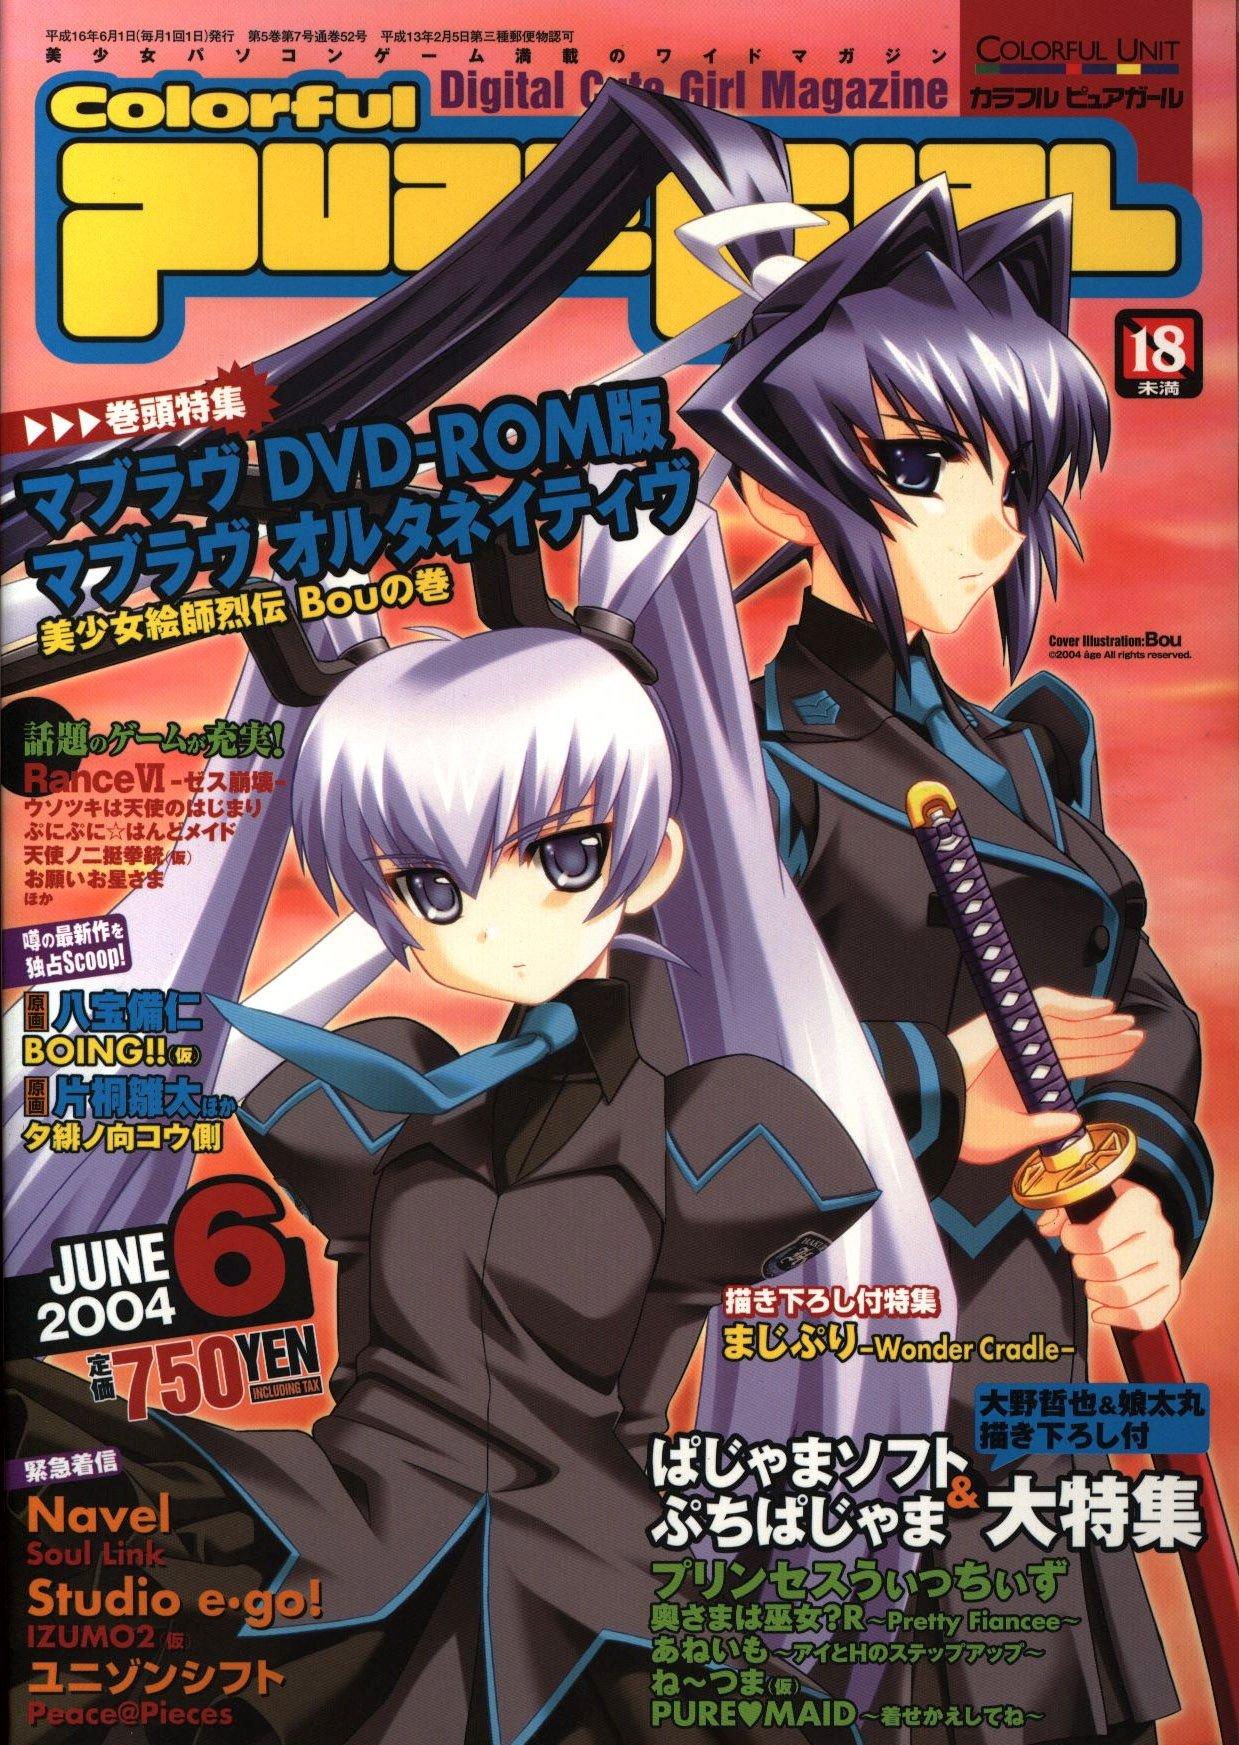 Colorful Puregirl Issue 52 (June 2004)